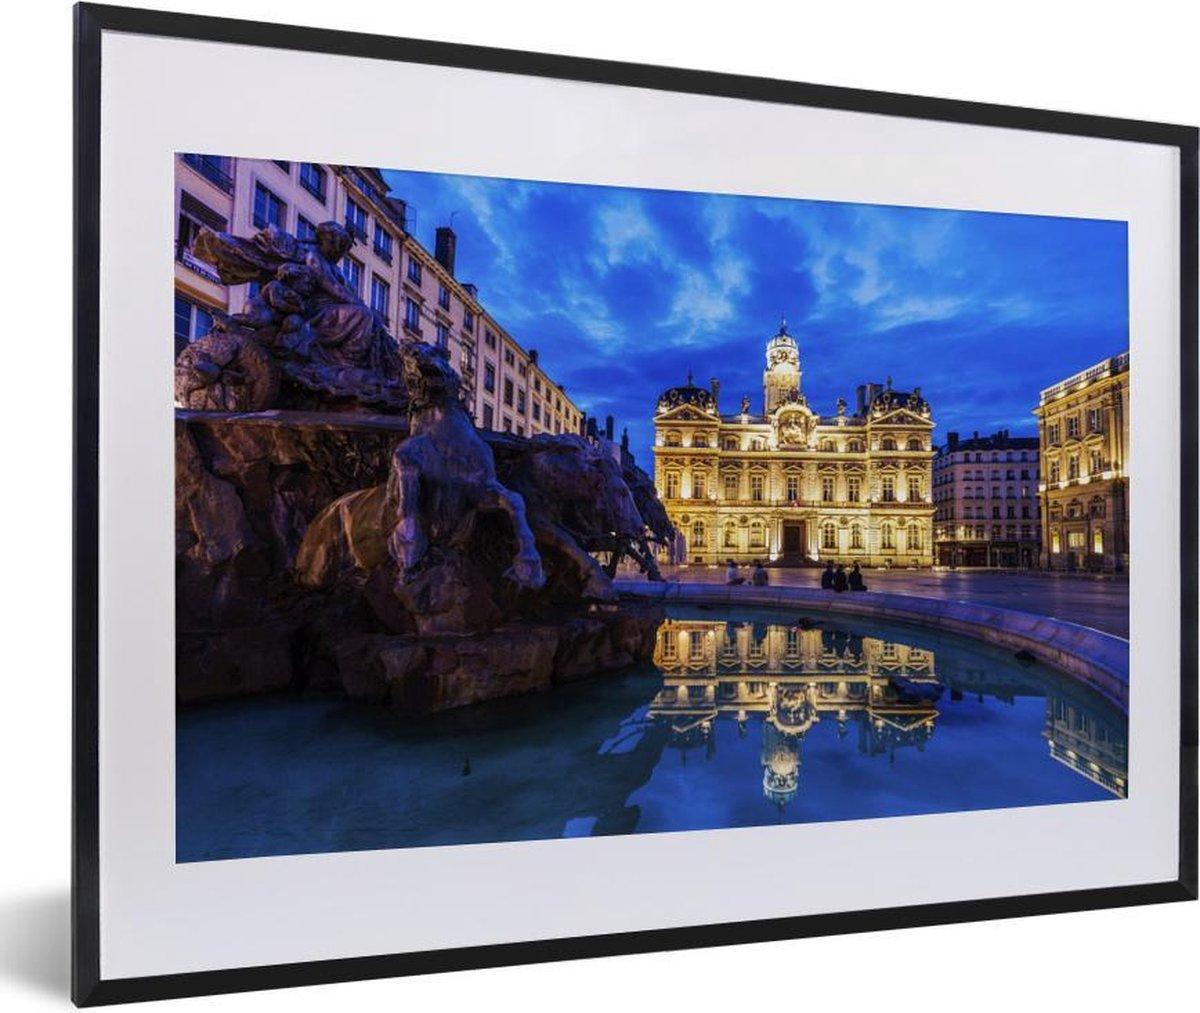 Poster met lijst Lyon - Verlichting bij het stadhuis van Lyon in Frankrijk fotolijst zwart met witte passe-partout - fotolijst zwart - 60x40 cm - Poster met lijst